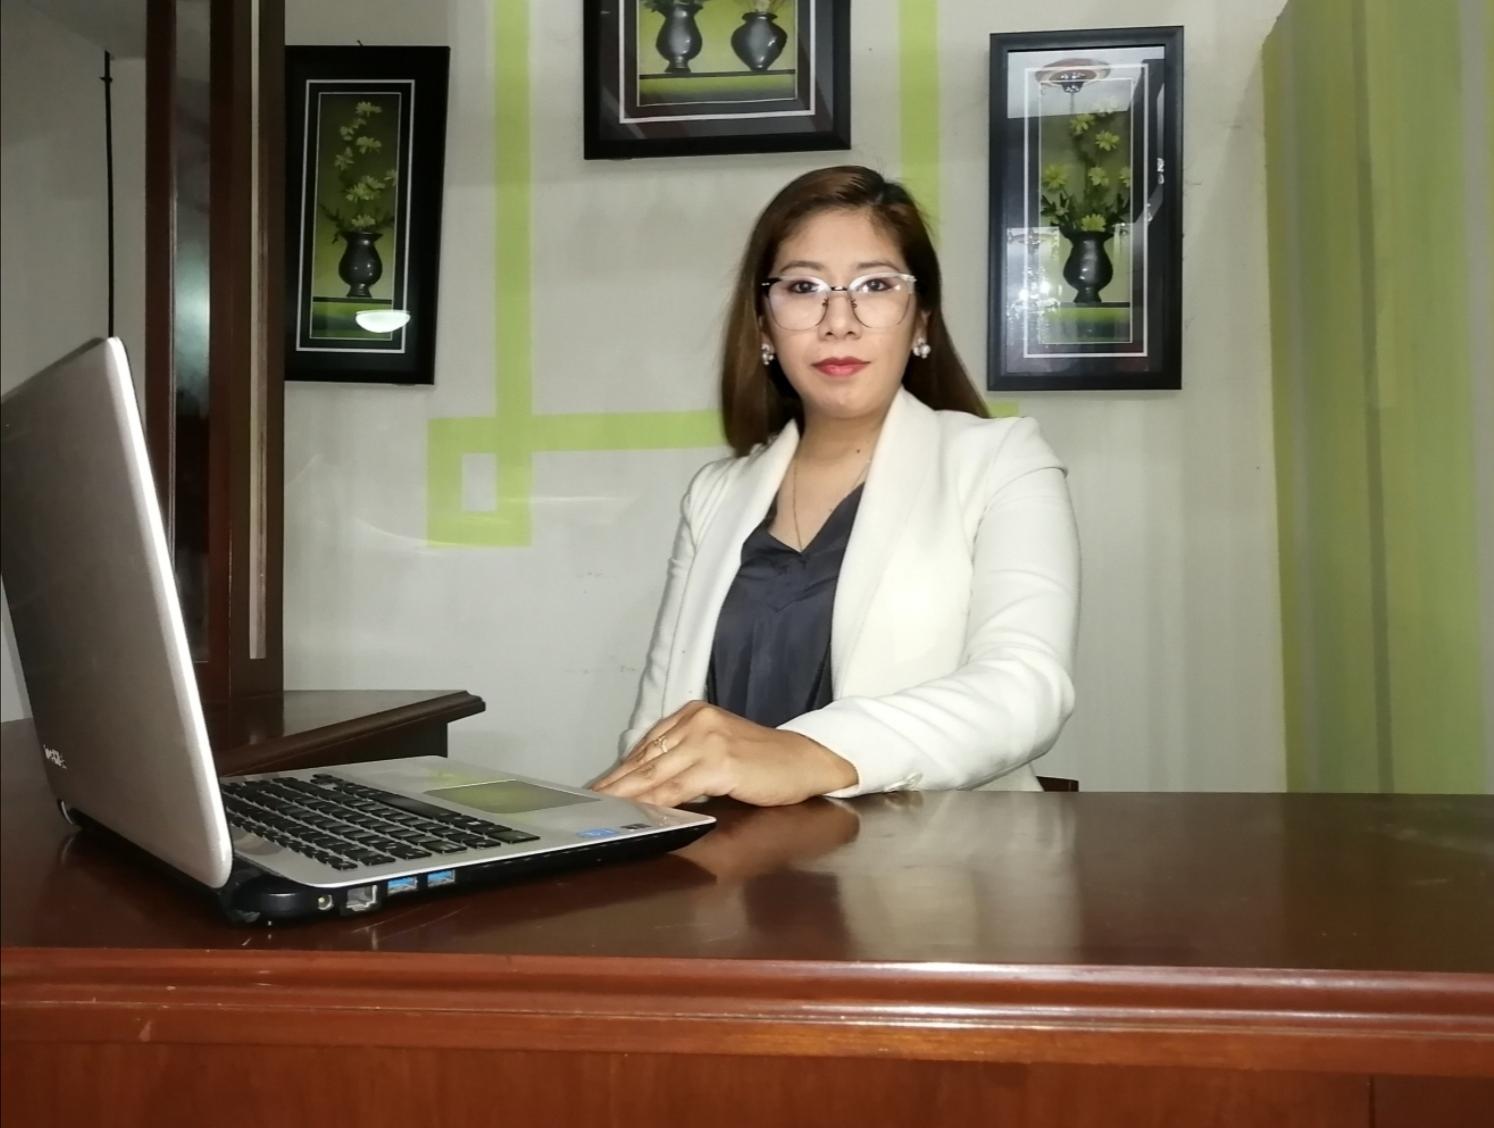 Leslie Acosta Martínez